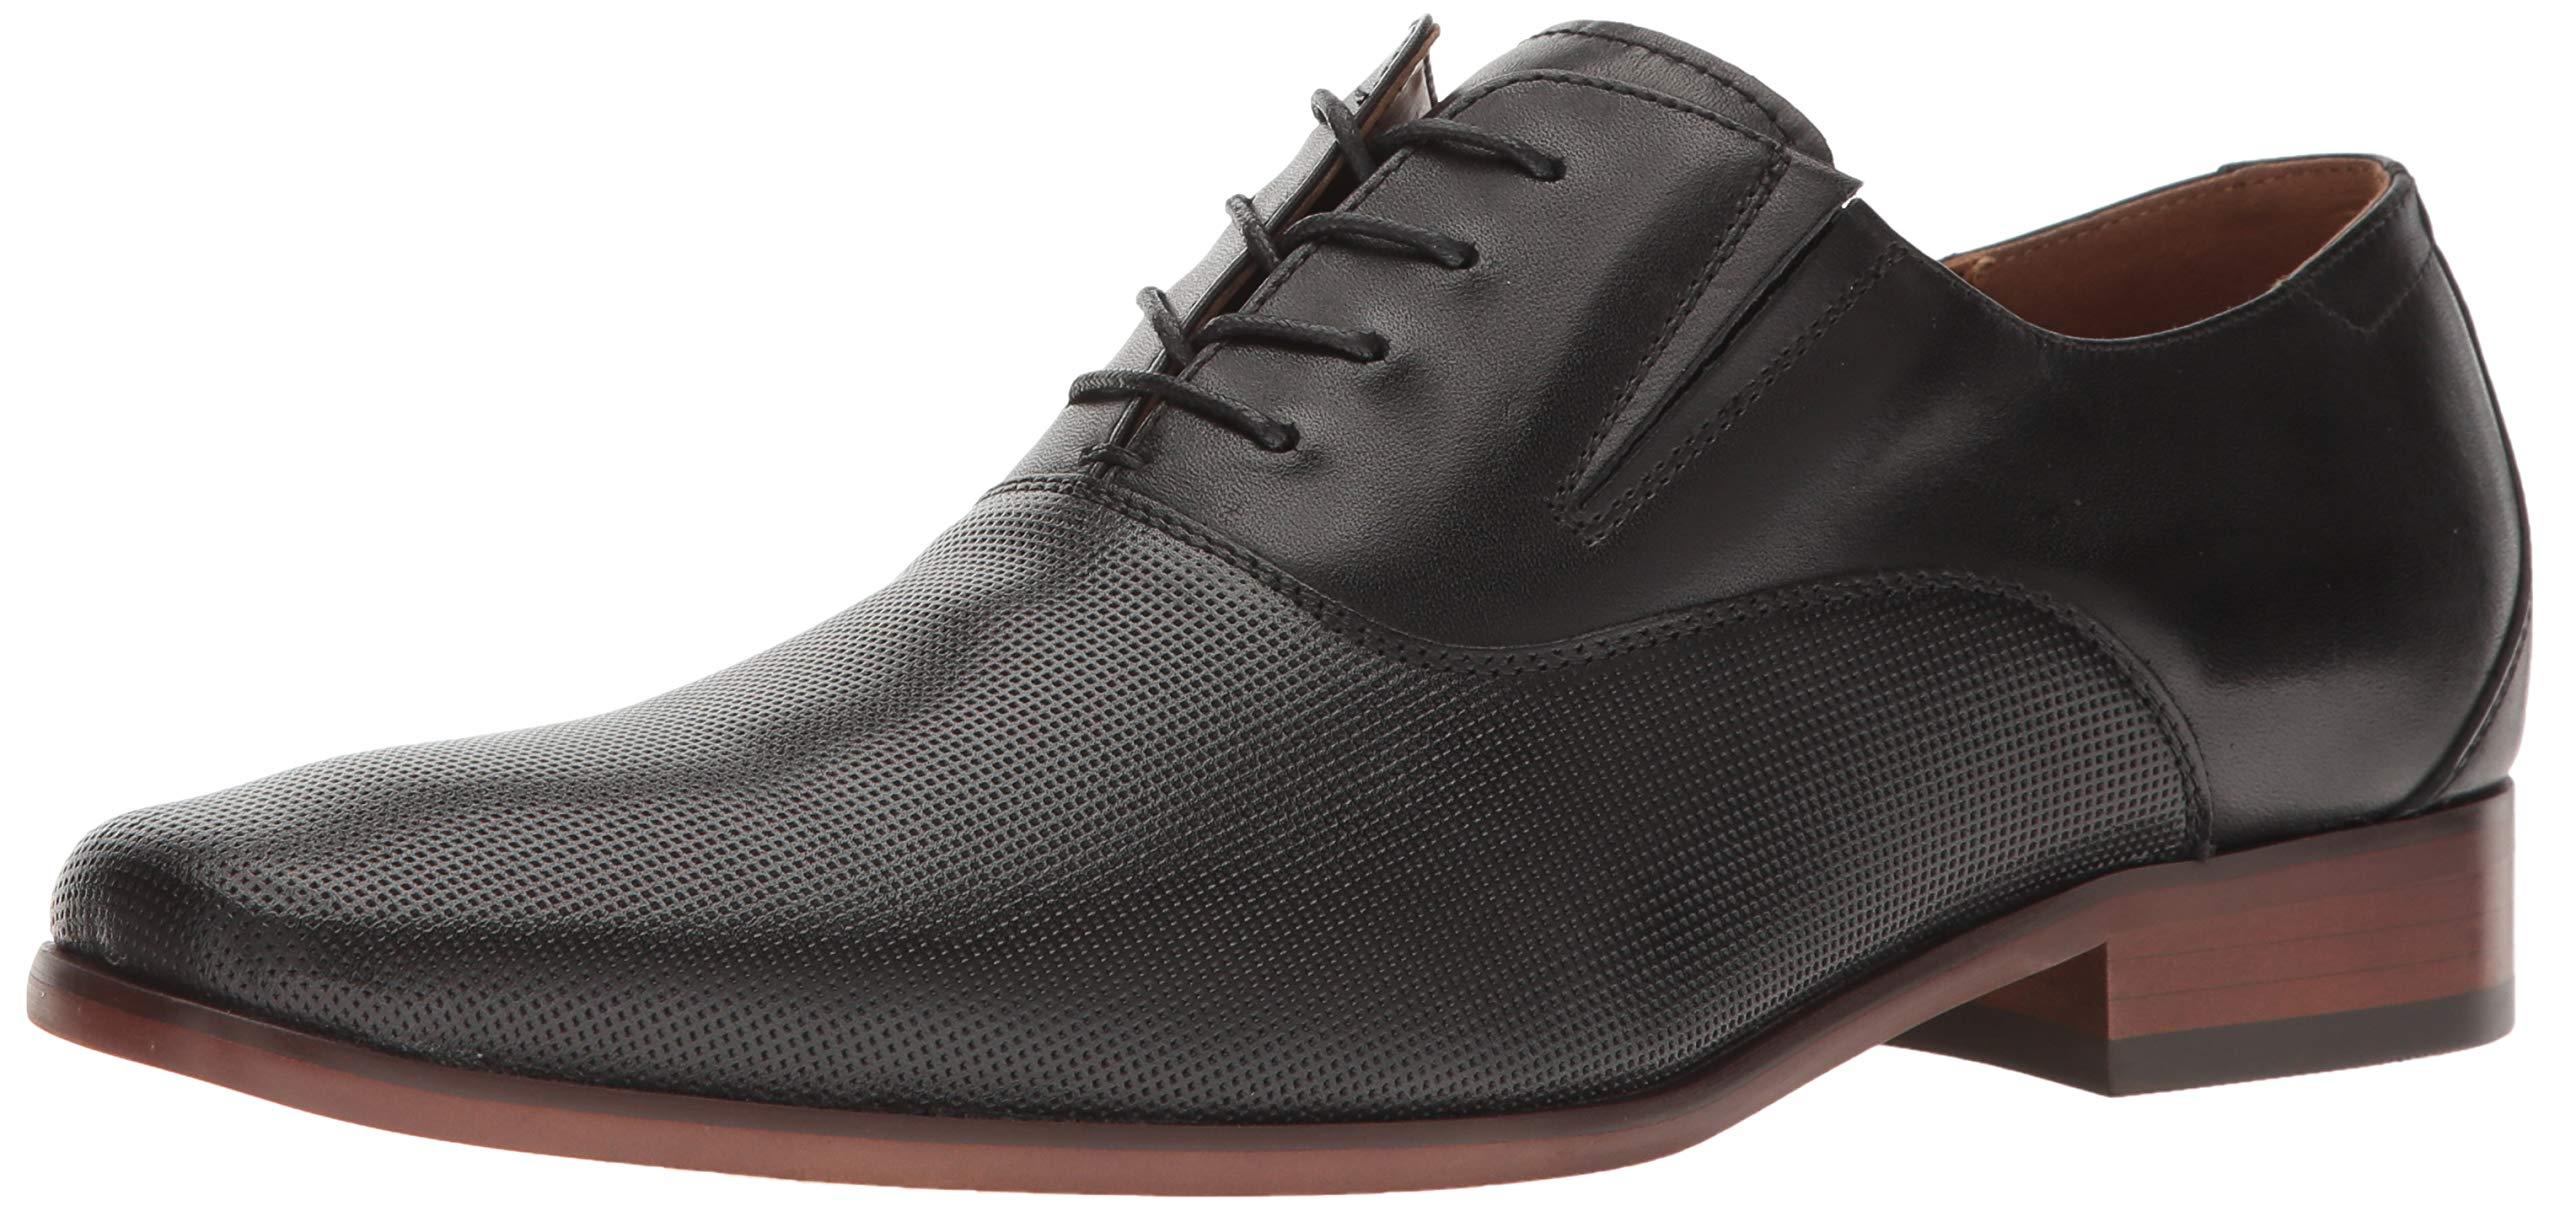 ALDO Men's Oliliria Uniform Dress Shoe, Black, 9 by ALDO